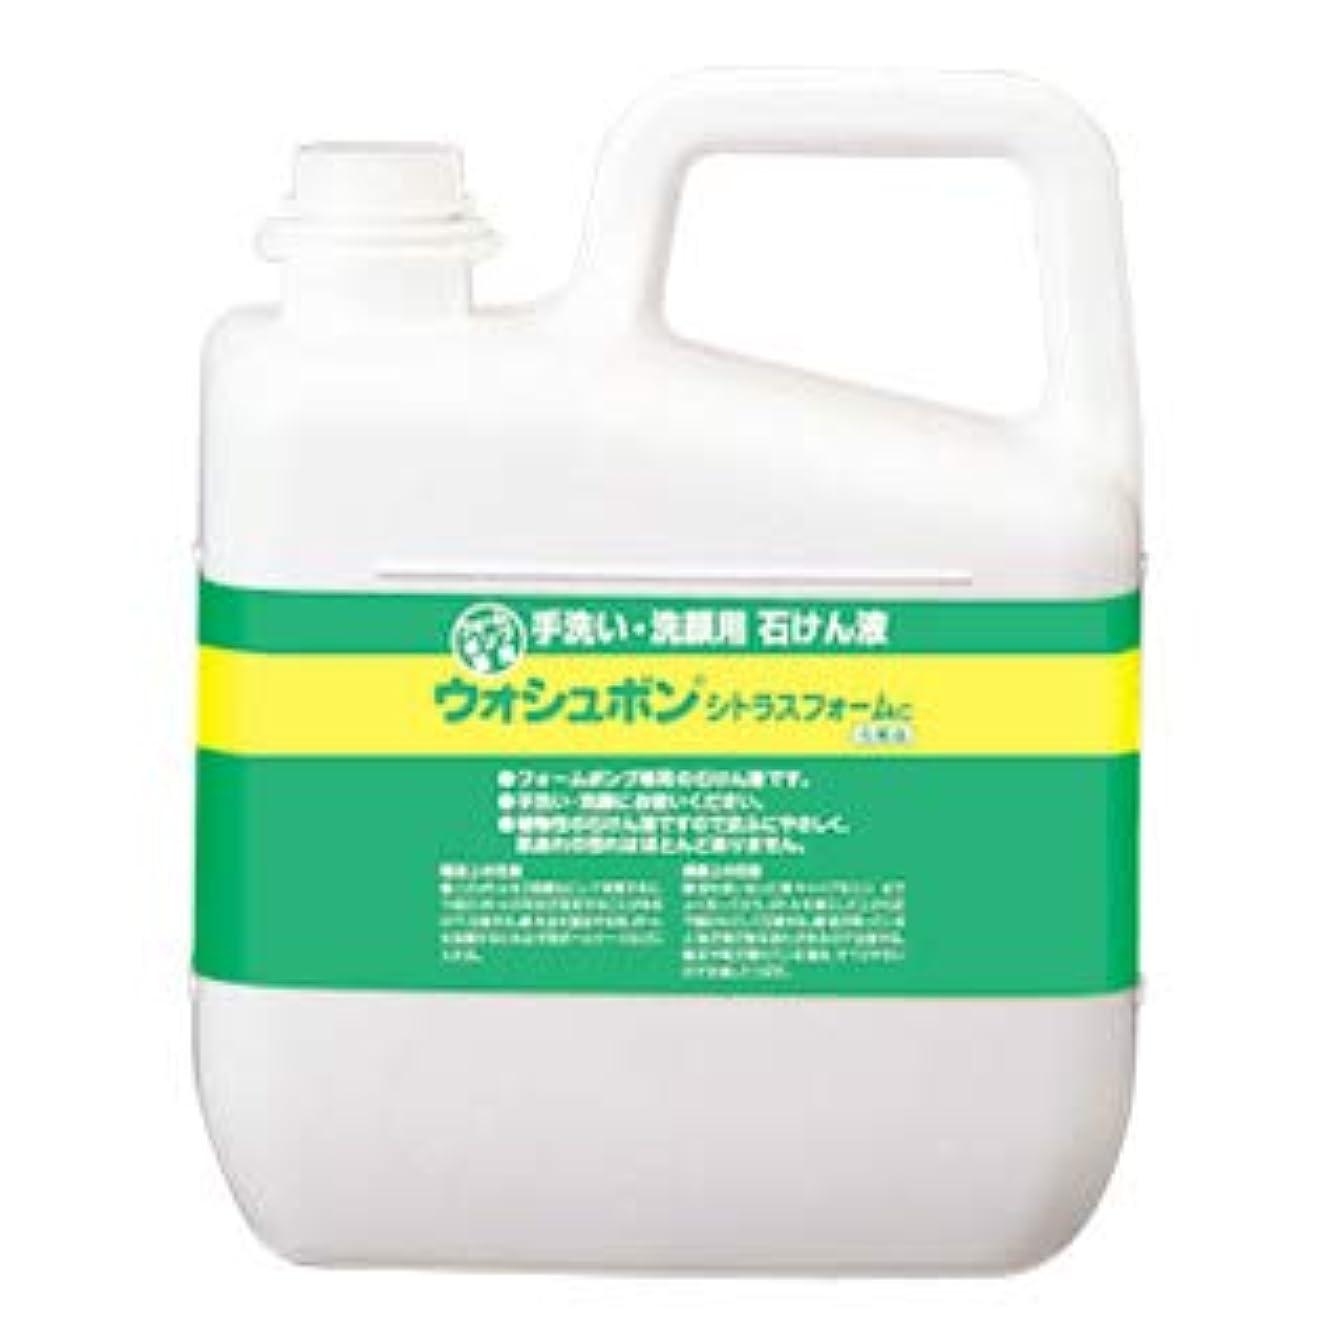 脈拍盆地雷雨サラヤ ウォシュボン 手洗い用石けん液 ウォシュボンシトラスフォームC 5kg